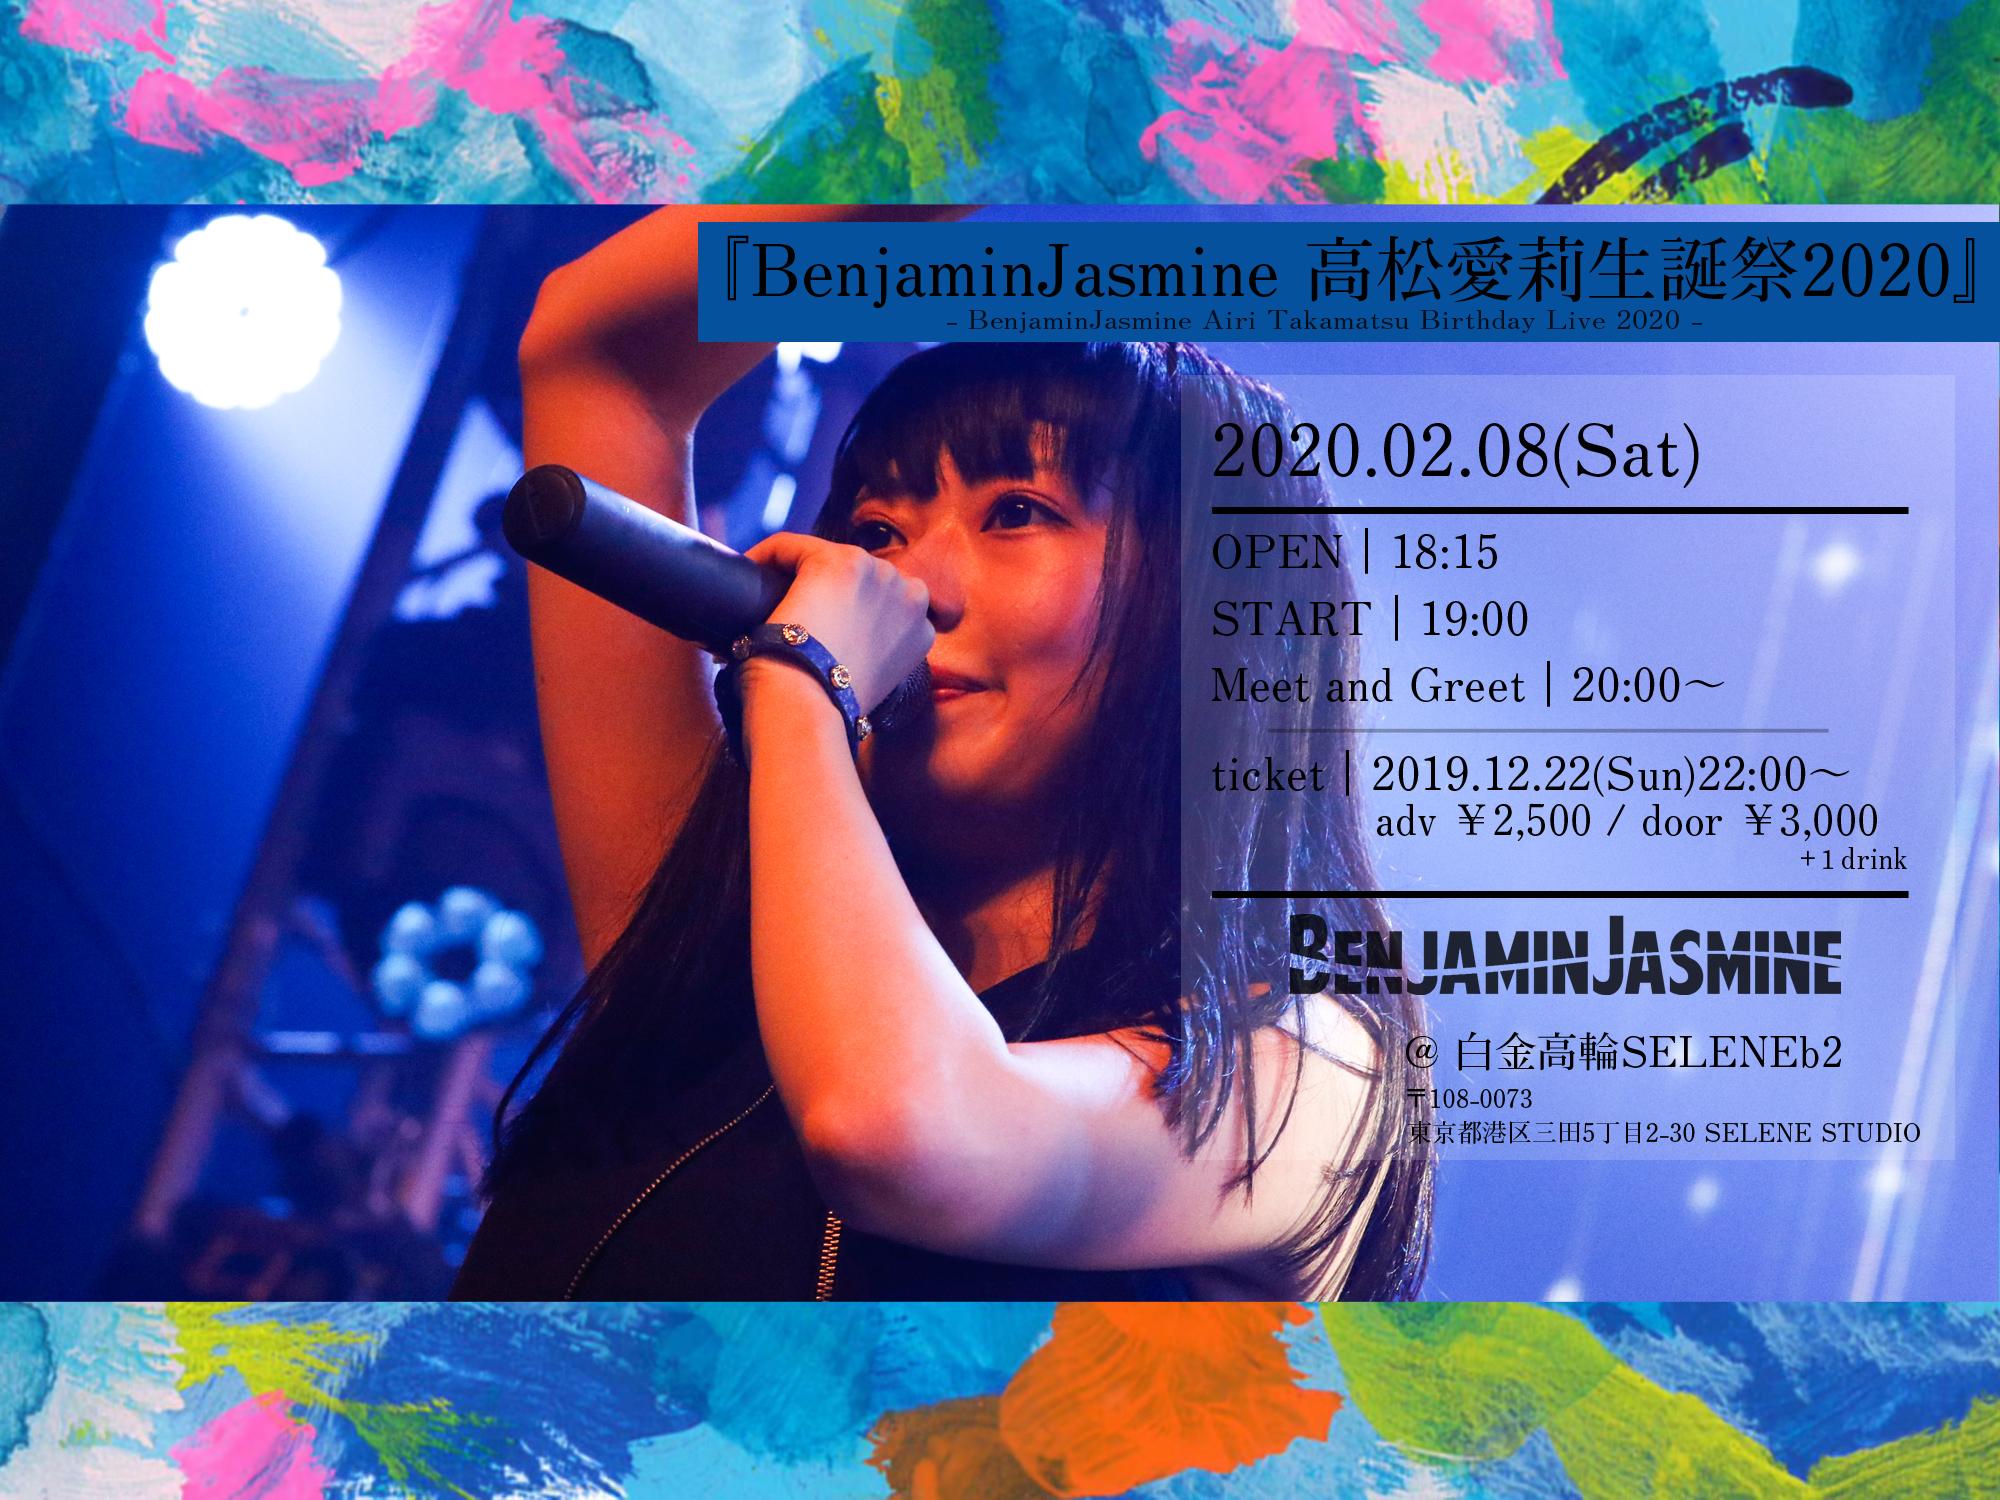 2月8日(土)『BenjaminJasmine 高松愛莉生誕祭2020』